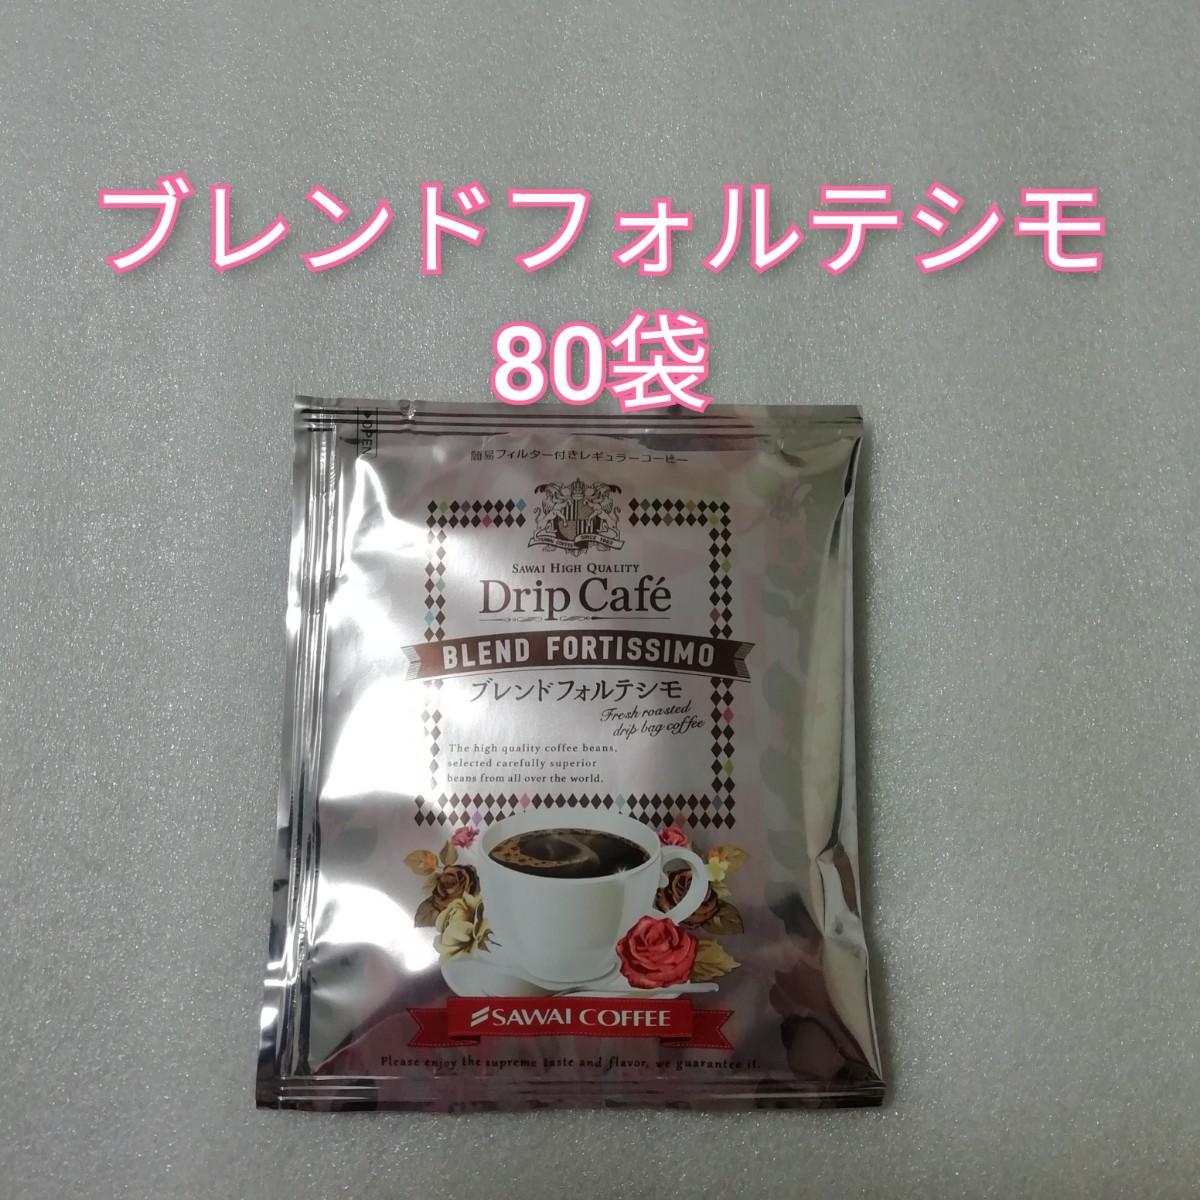 ブレンドフォルテシモ 80袋 澤井珈琲 ドリップコーヒー